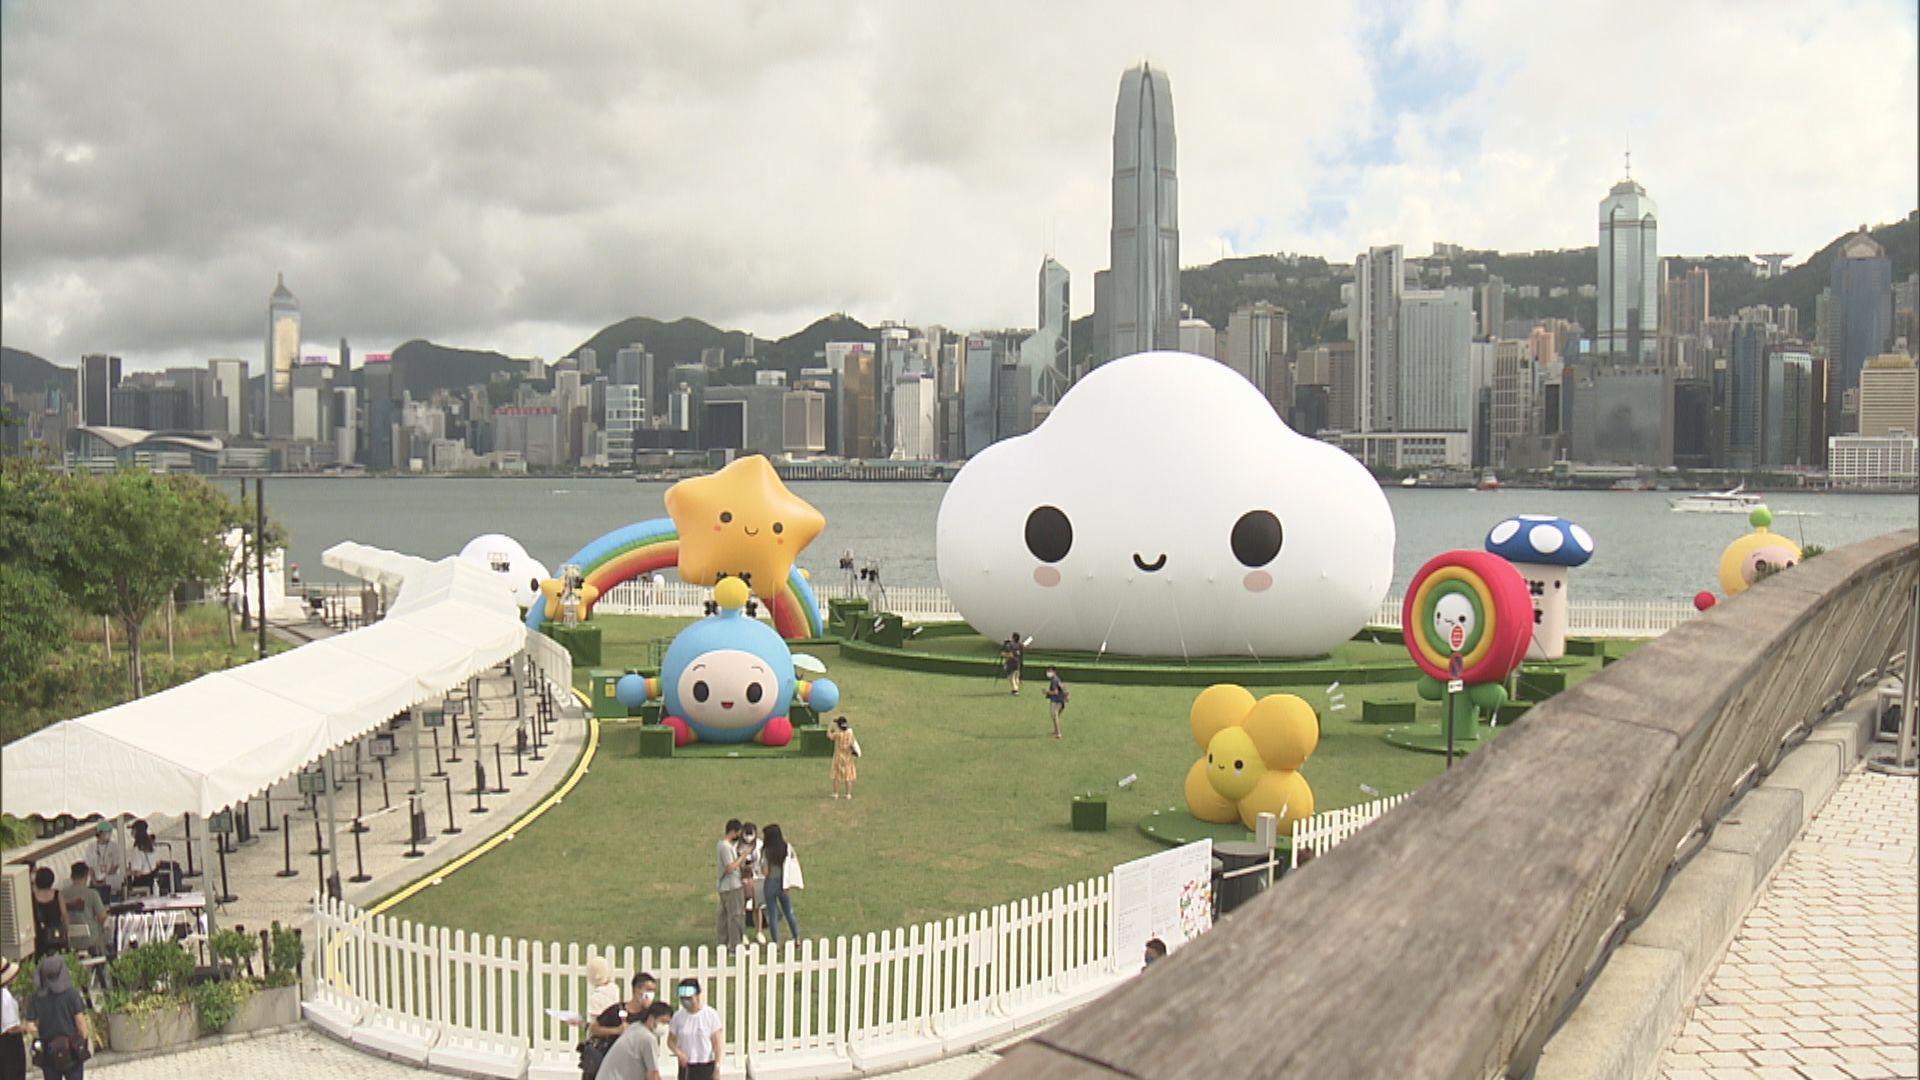 大型藝術裝置現身西九文化區藝術公園